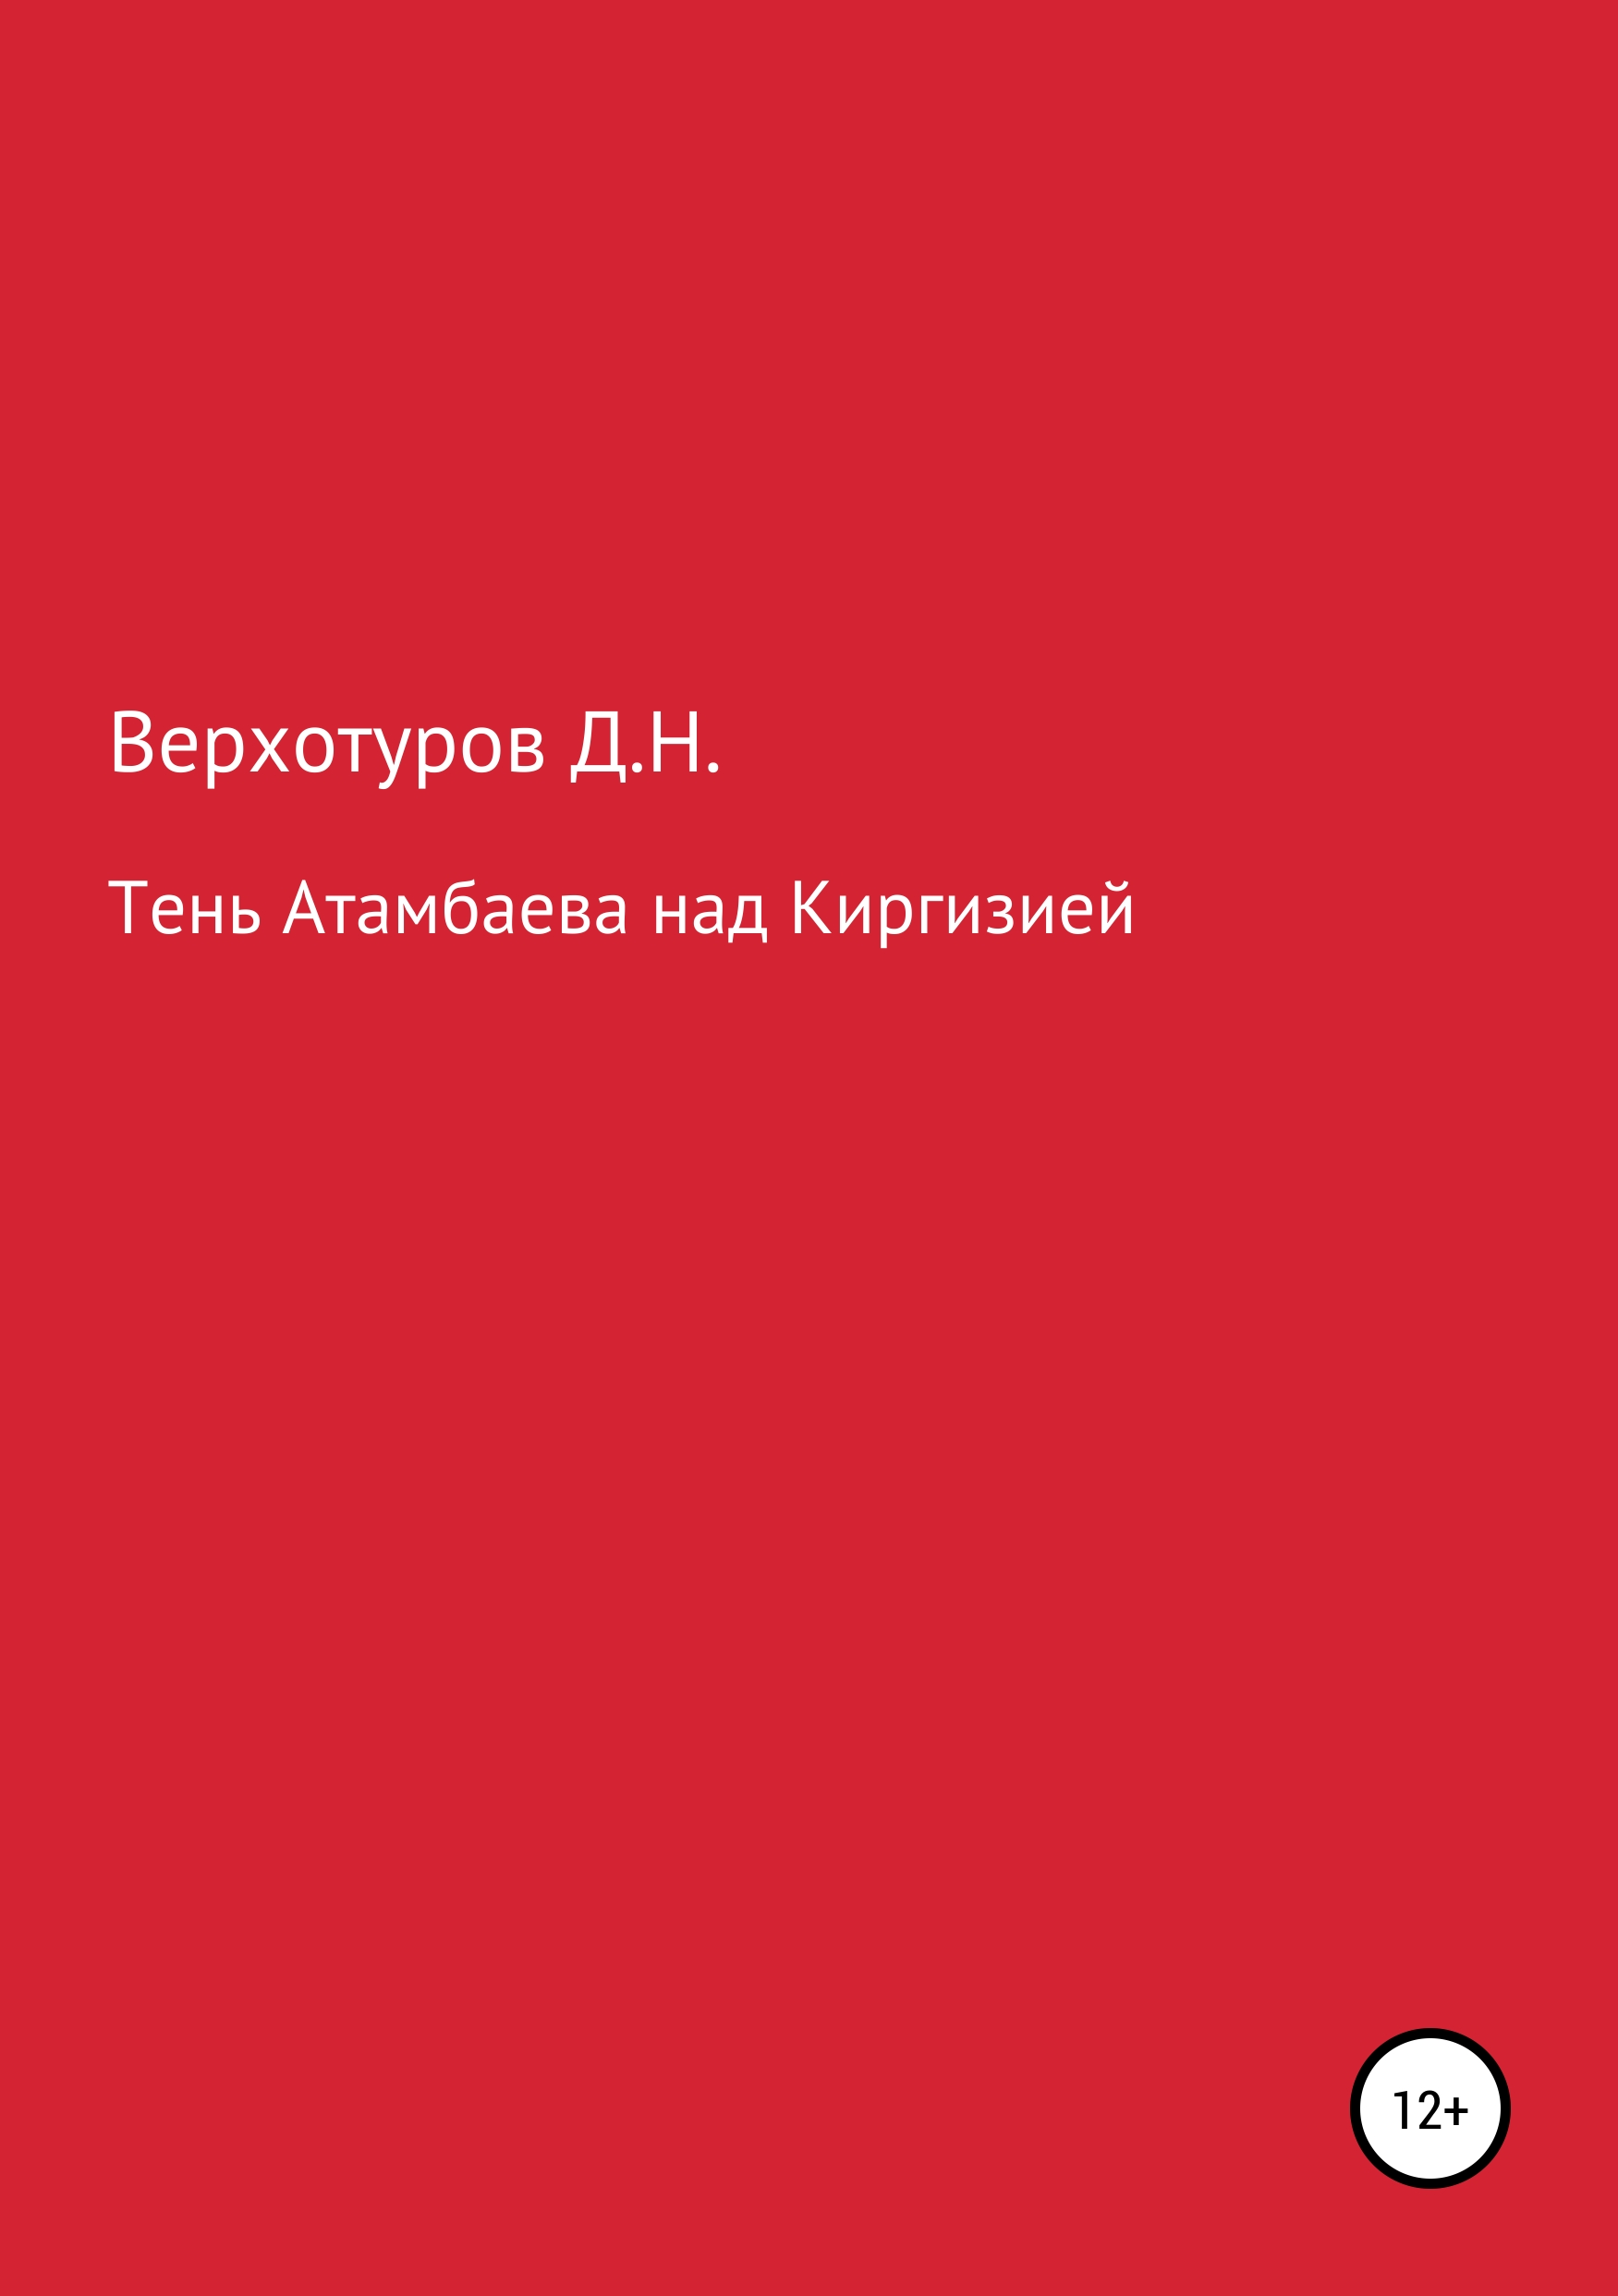 Дмитрий Николаевич Верхотуров Тень Атамбаева над Киргизией верхотуров дмитрий николаевич покорение сибири мифы и реальность